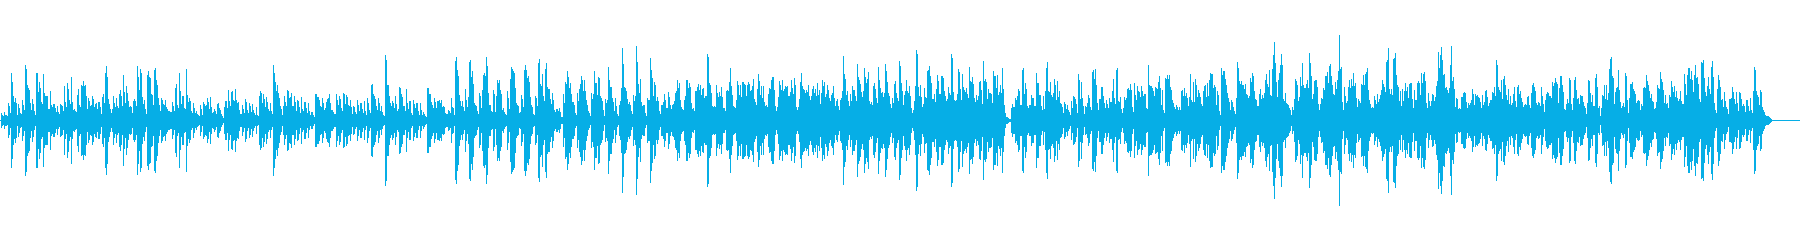 ビブラフォンのゆったりとした悲しい曲の再生済みの波形